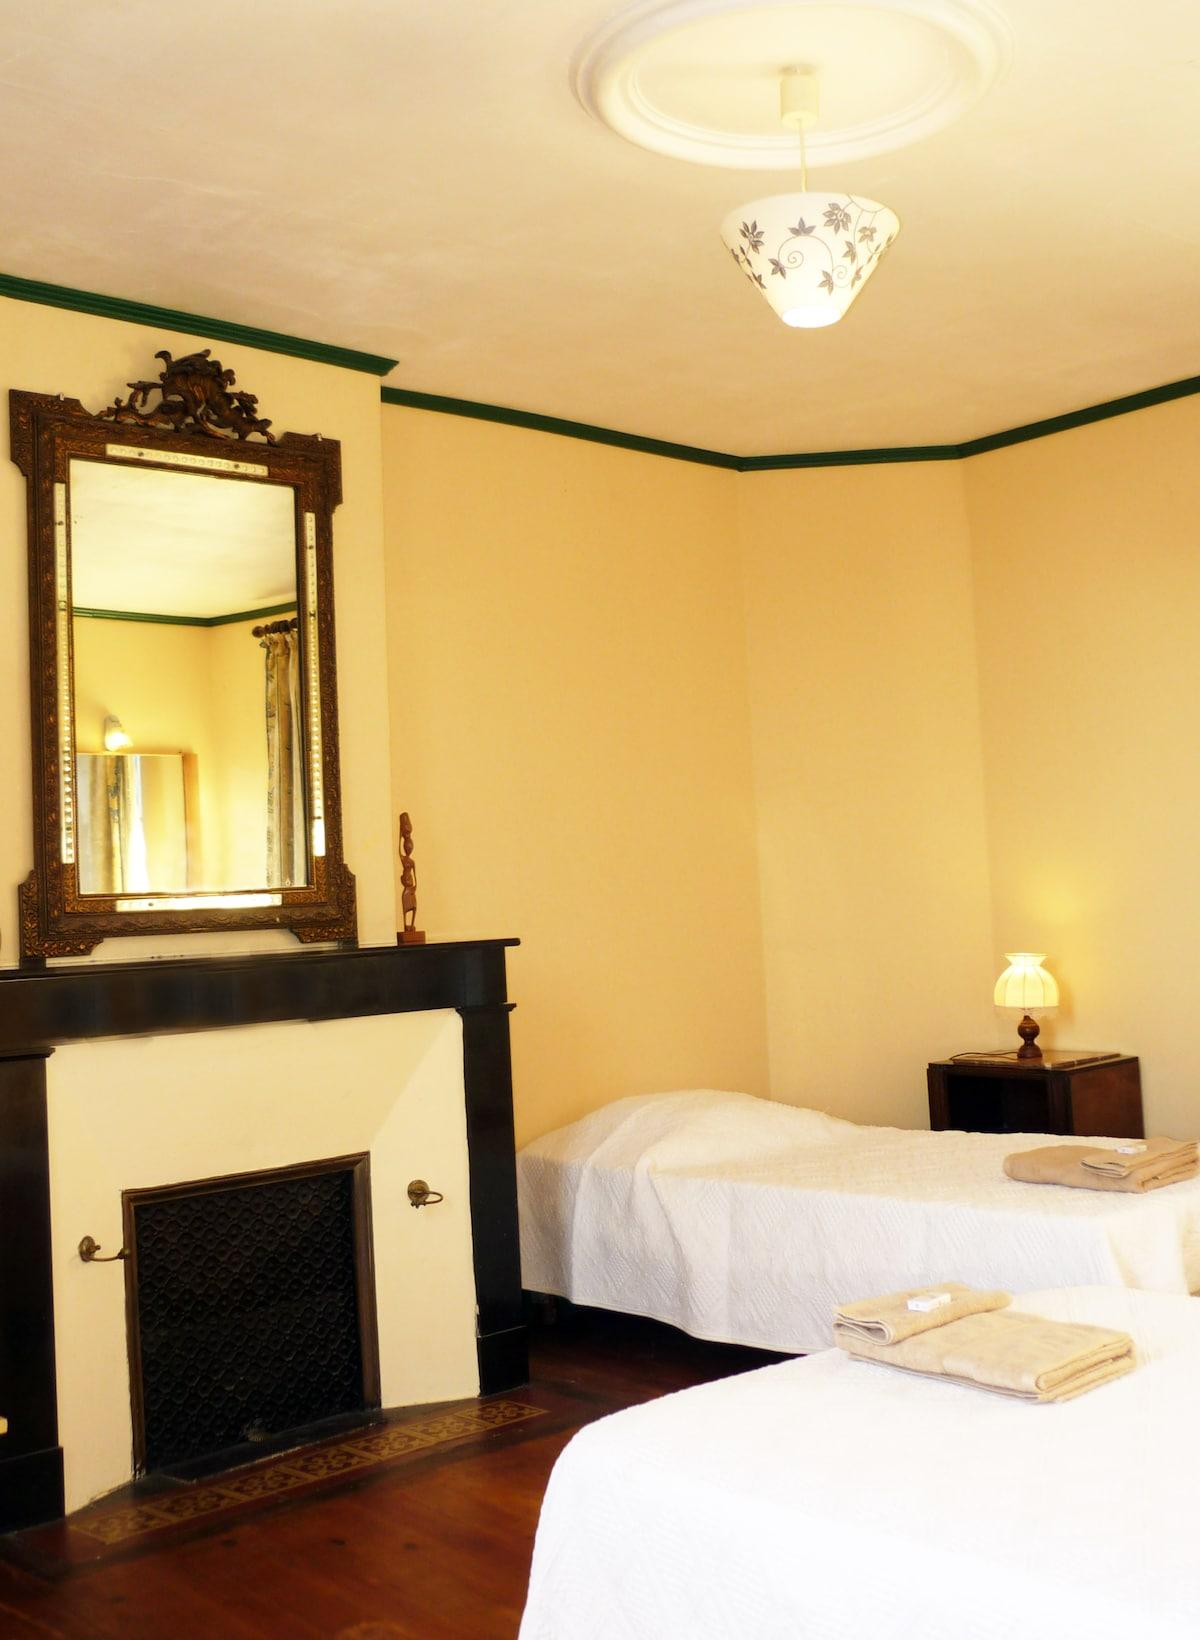 Chambres d´hôtes Moulin de Bouty